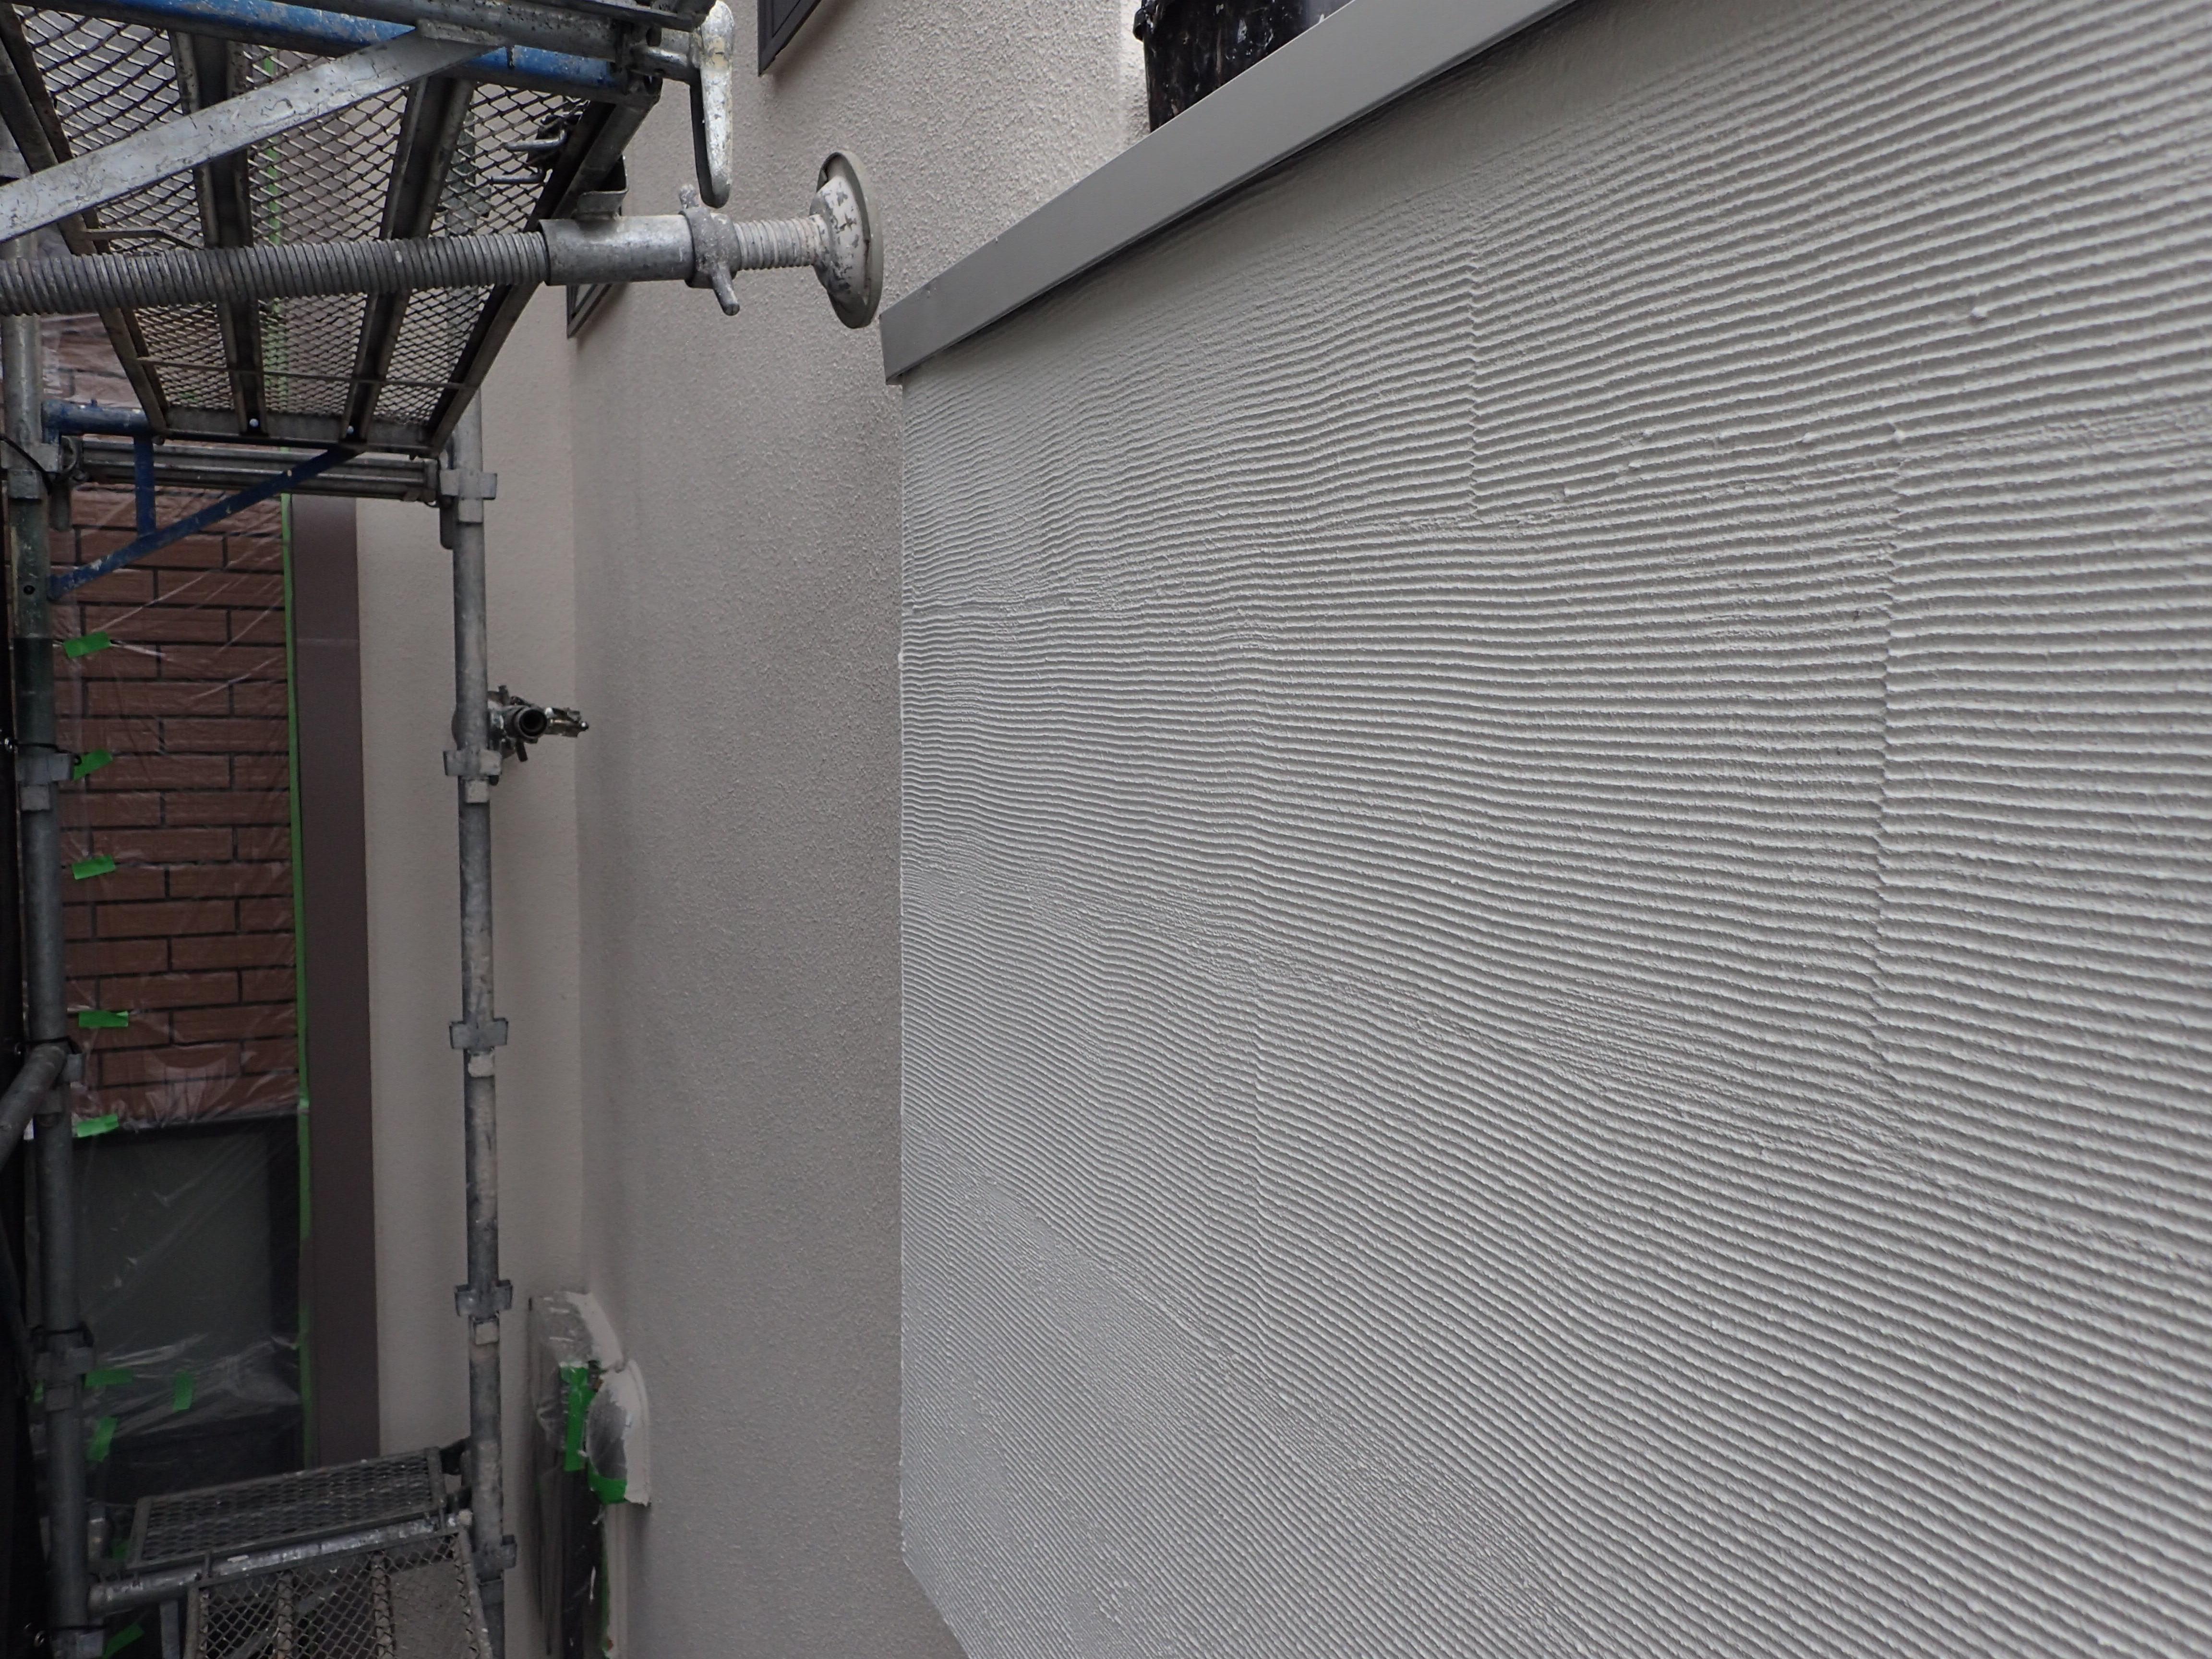 川崎市、横浜市、東京のジョリパット 塗り替え専門店 佐藤塗装店の外壁塗装 ジョリパットフレッシュ 上塗り